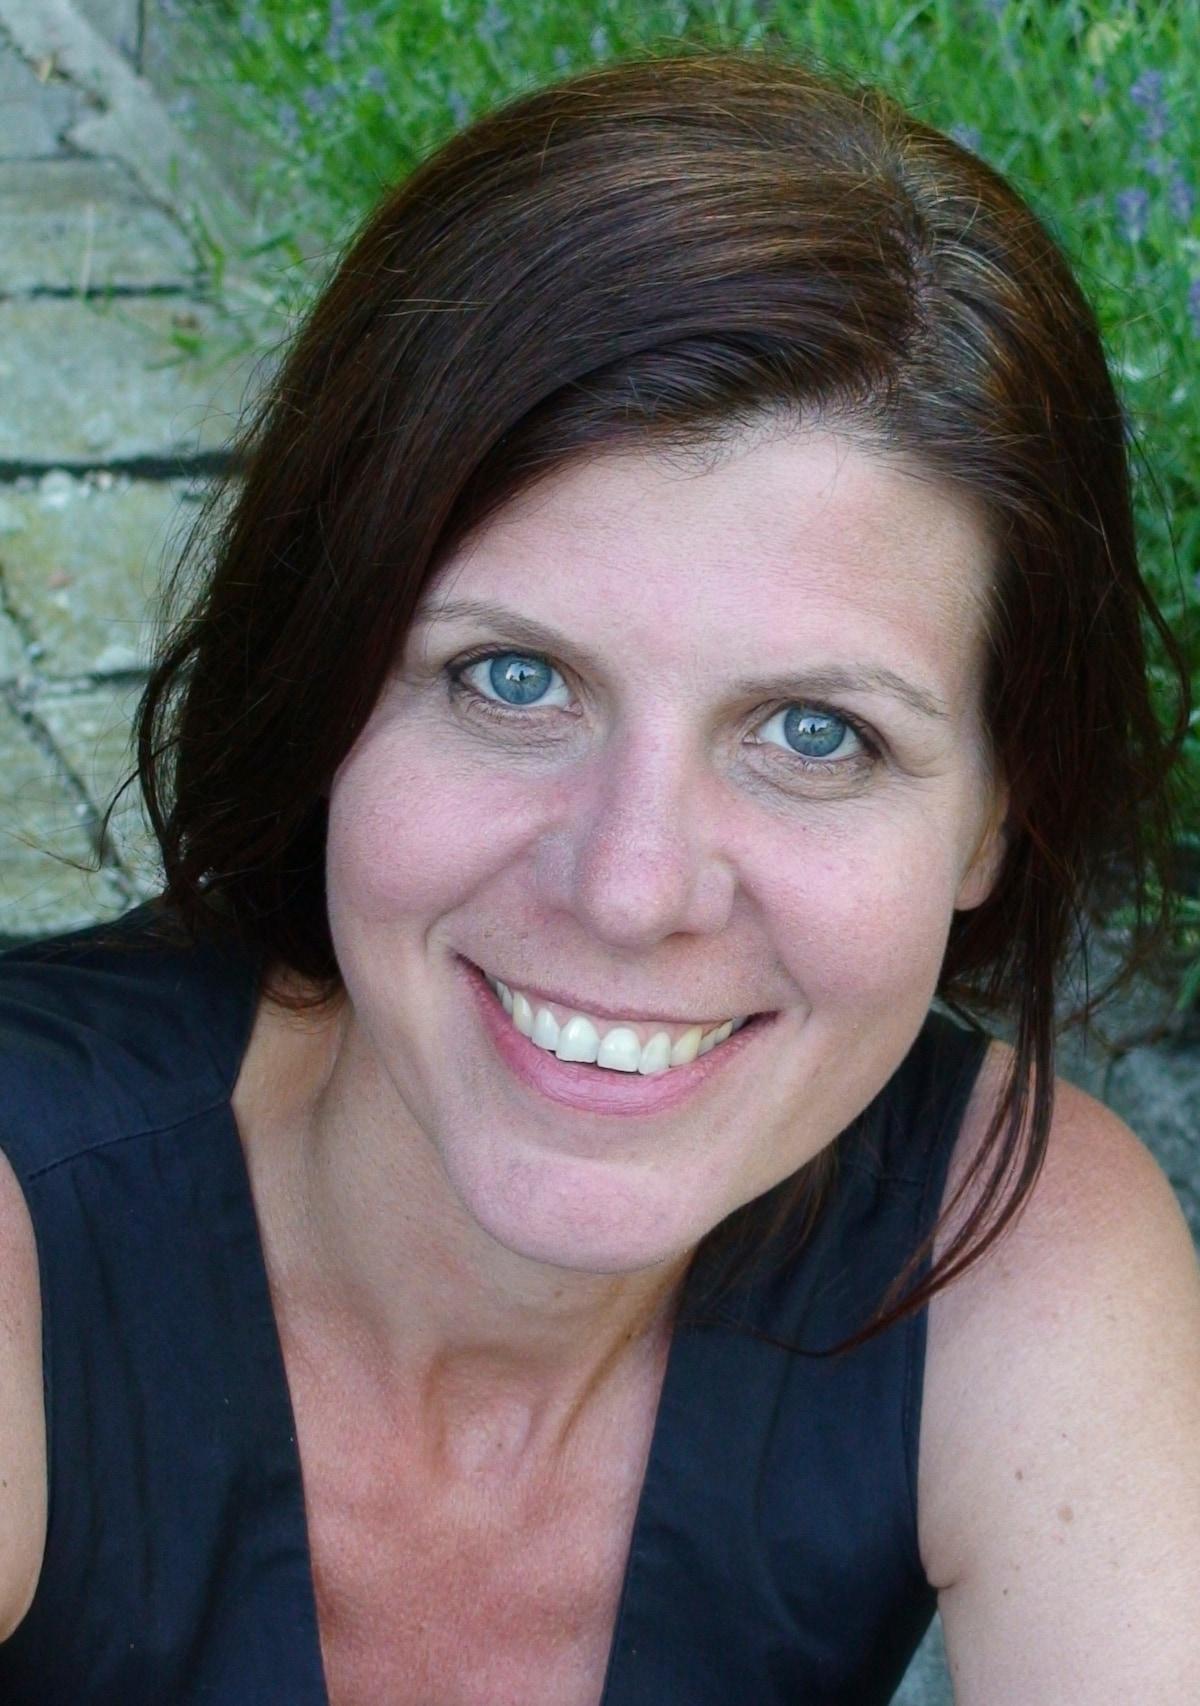 Anne from Antwerpen